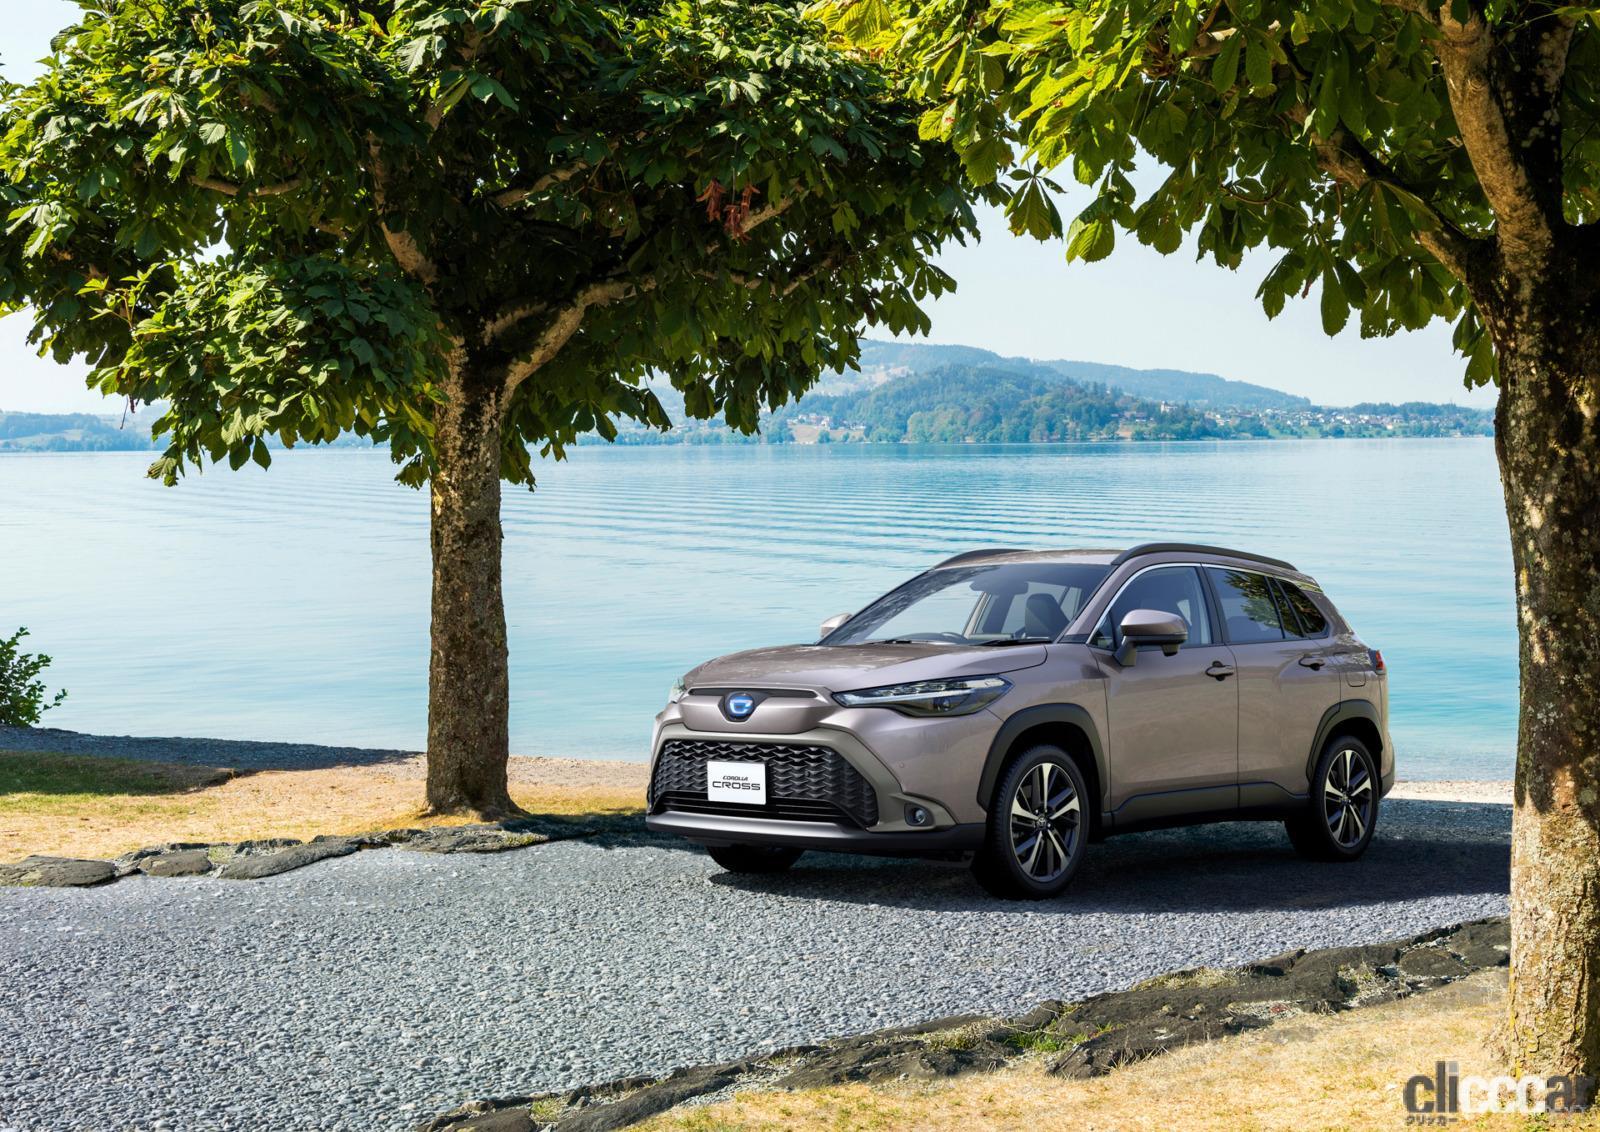 「トヨタ新型カローラ クロス発売。ボディサイズやラゲッジスペースはC-HRとどう違う?」の3枚目の画像